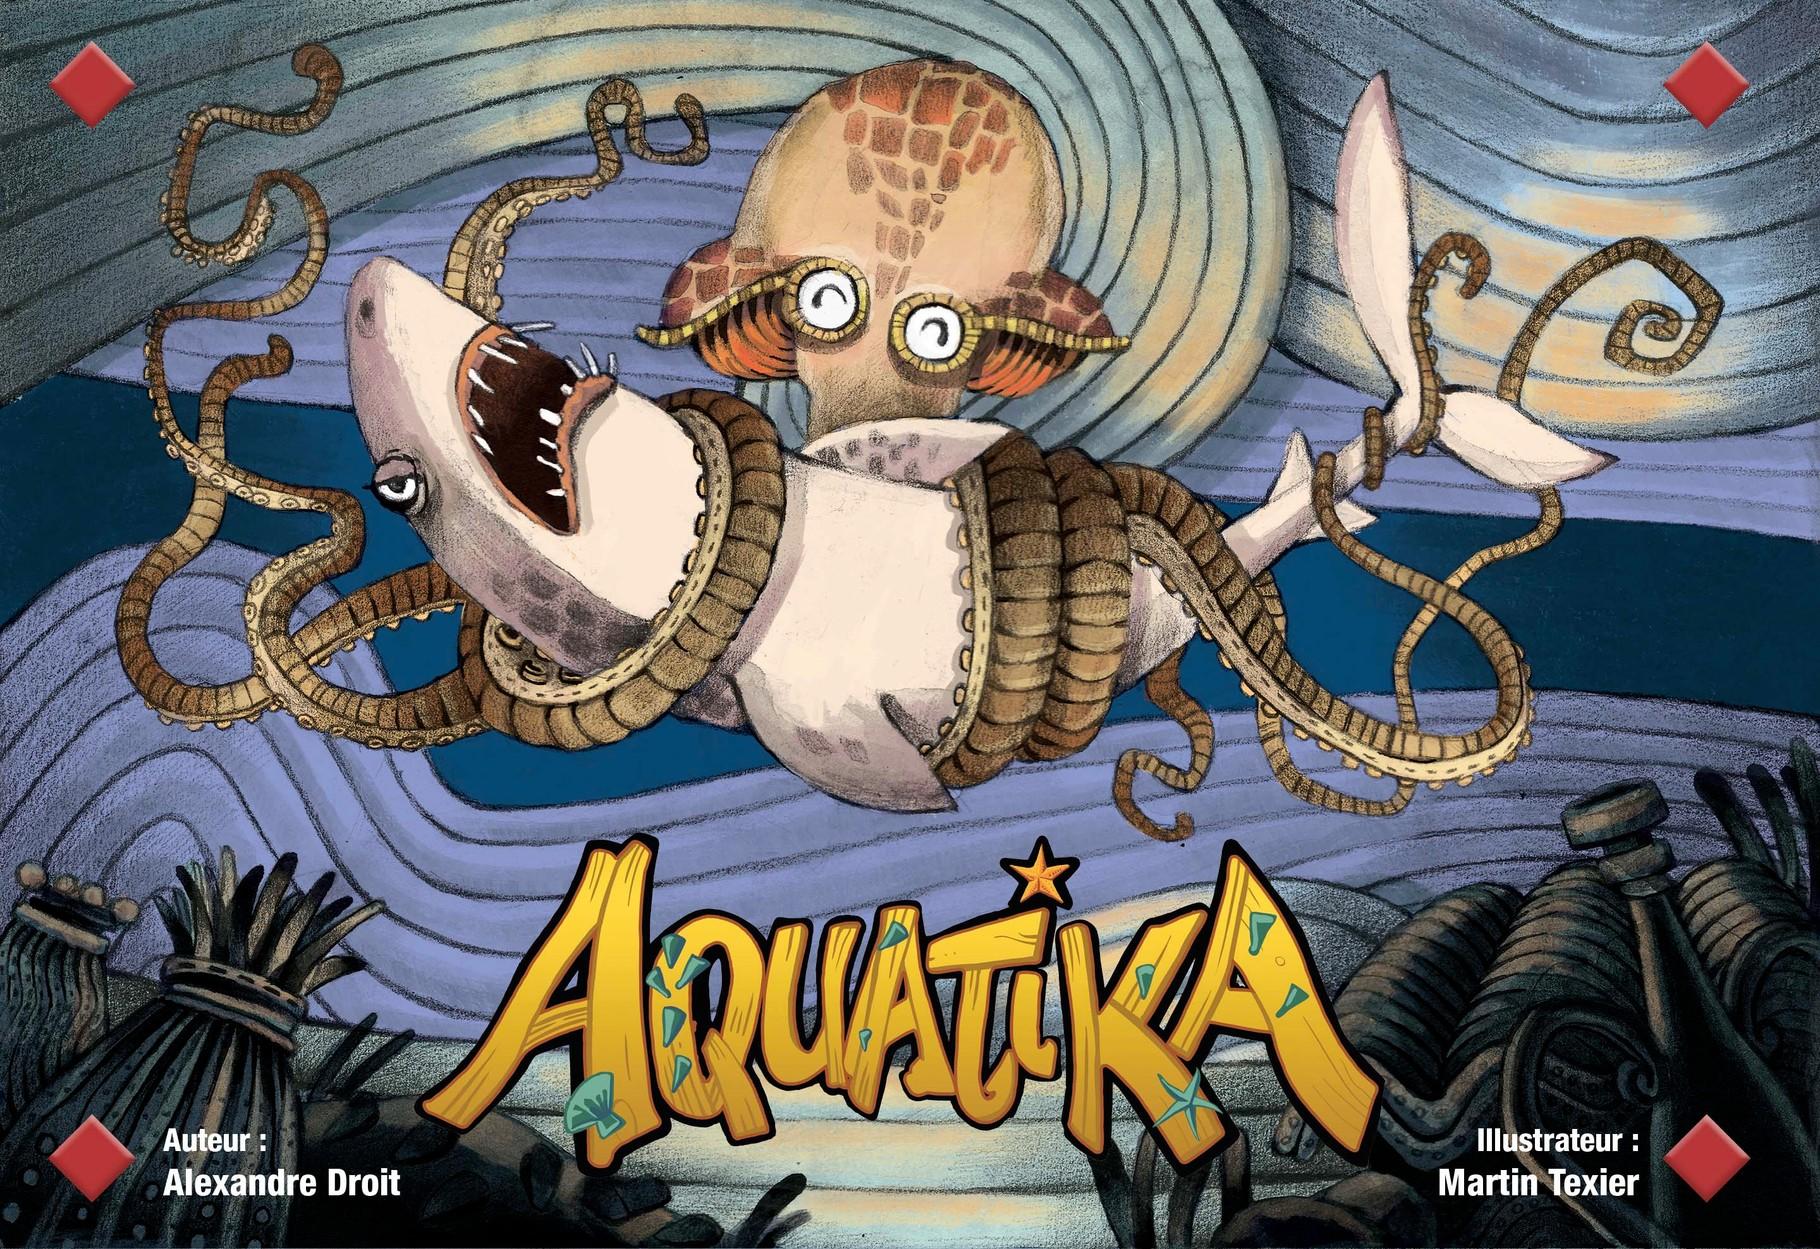 Couverture d'Aquatika. Base traditionnelle (encre et crayon noir), colorisation numérique.